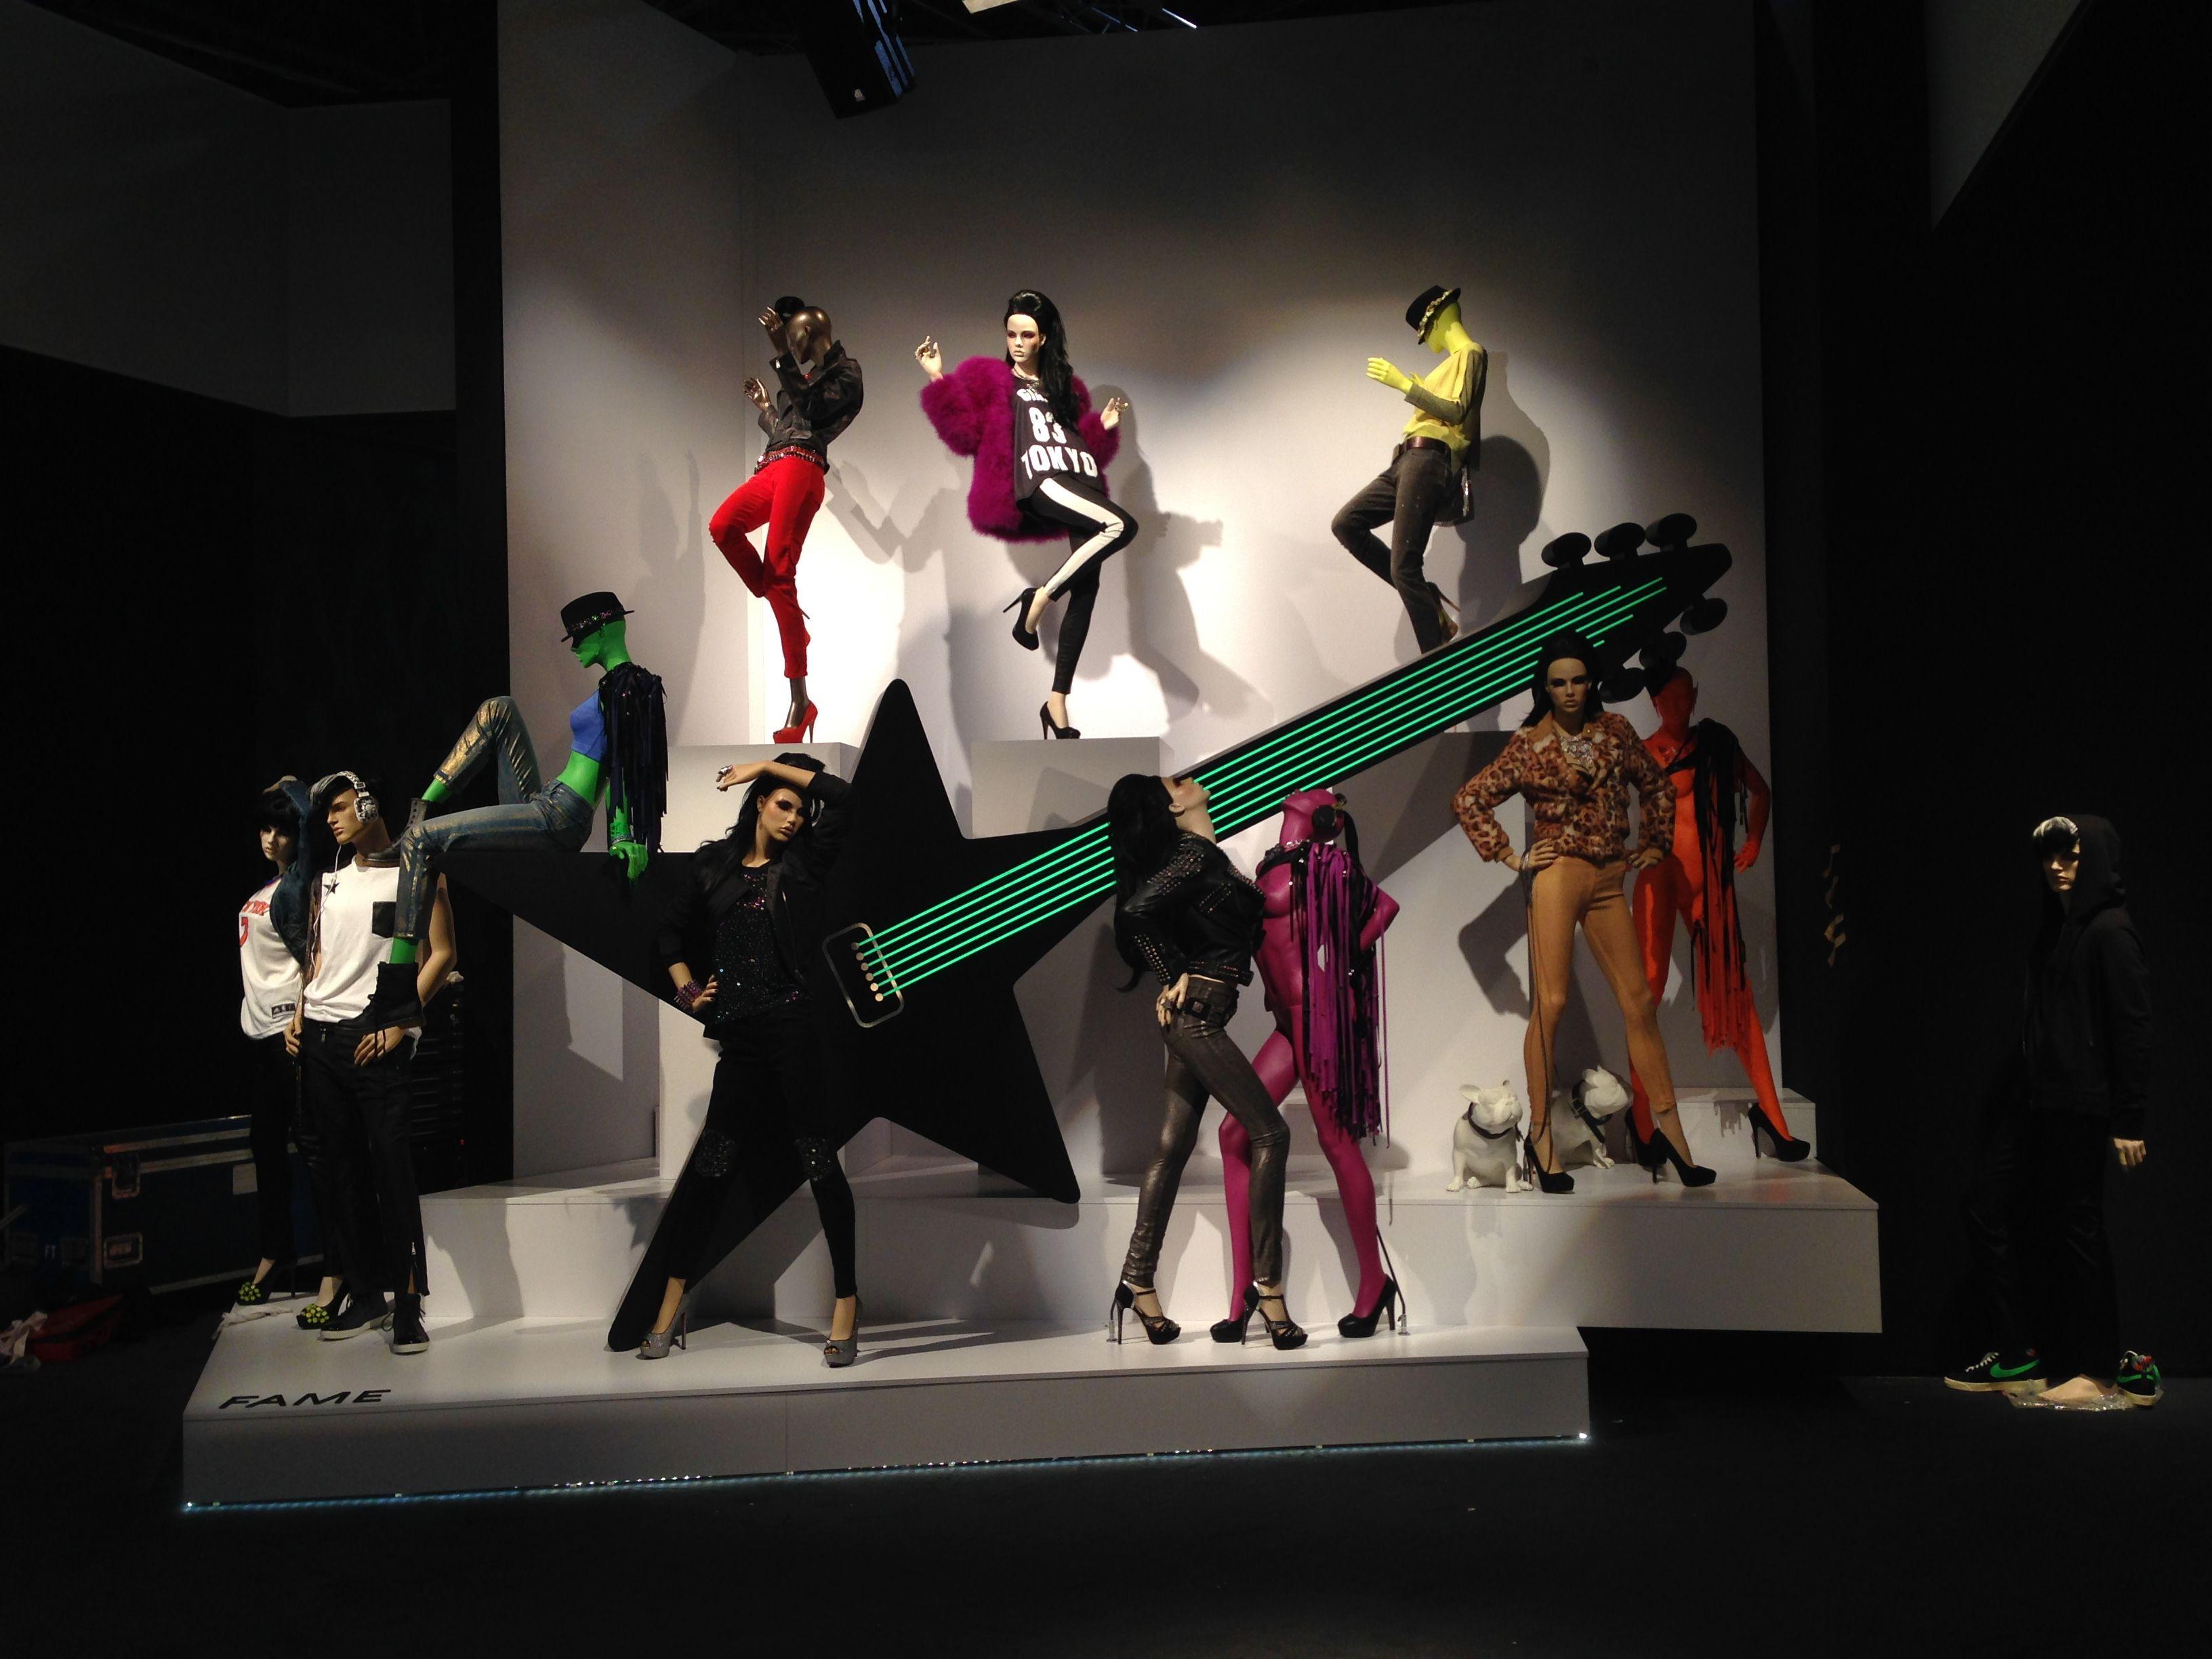 Wir lassen die Puppen tanzen! - Mit GENESIS und Sayonara Visual Concepts auf der EuroShop